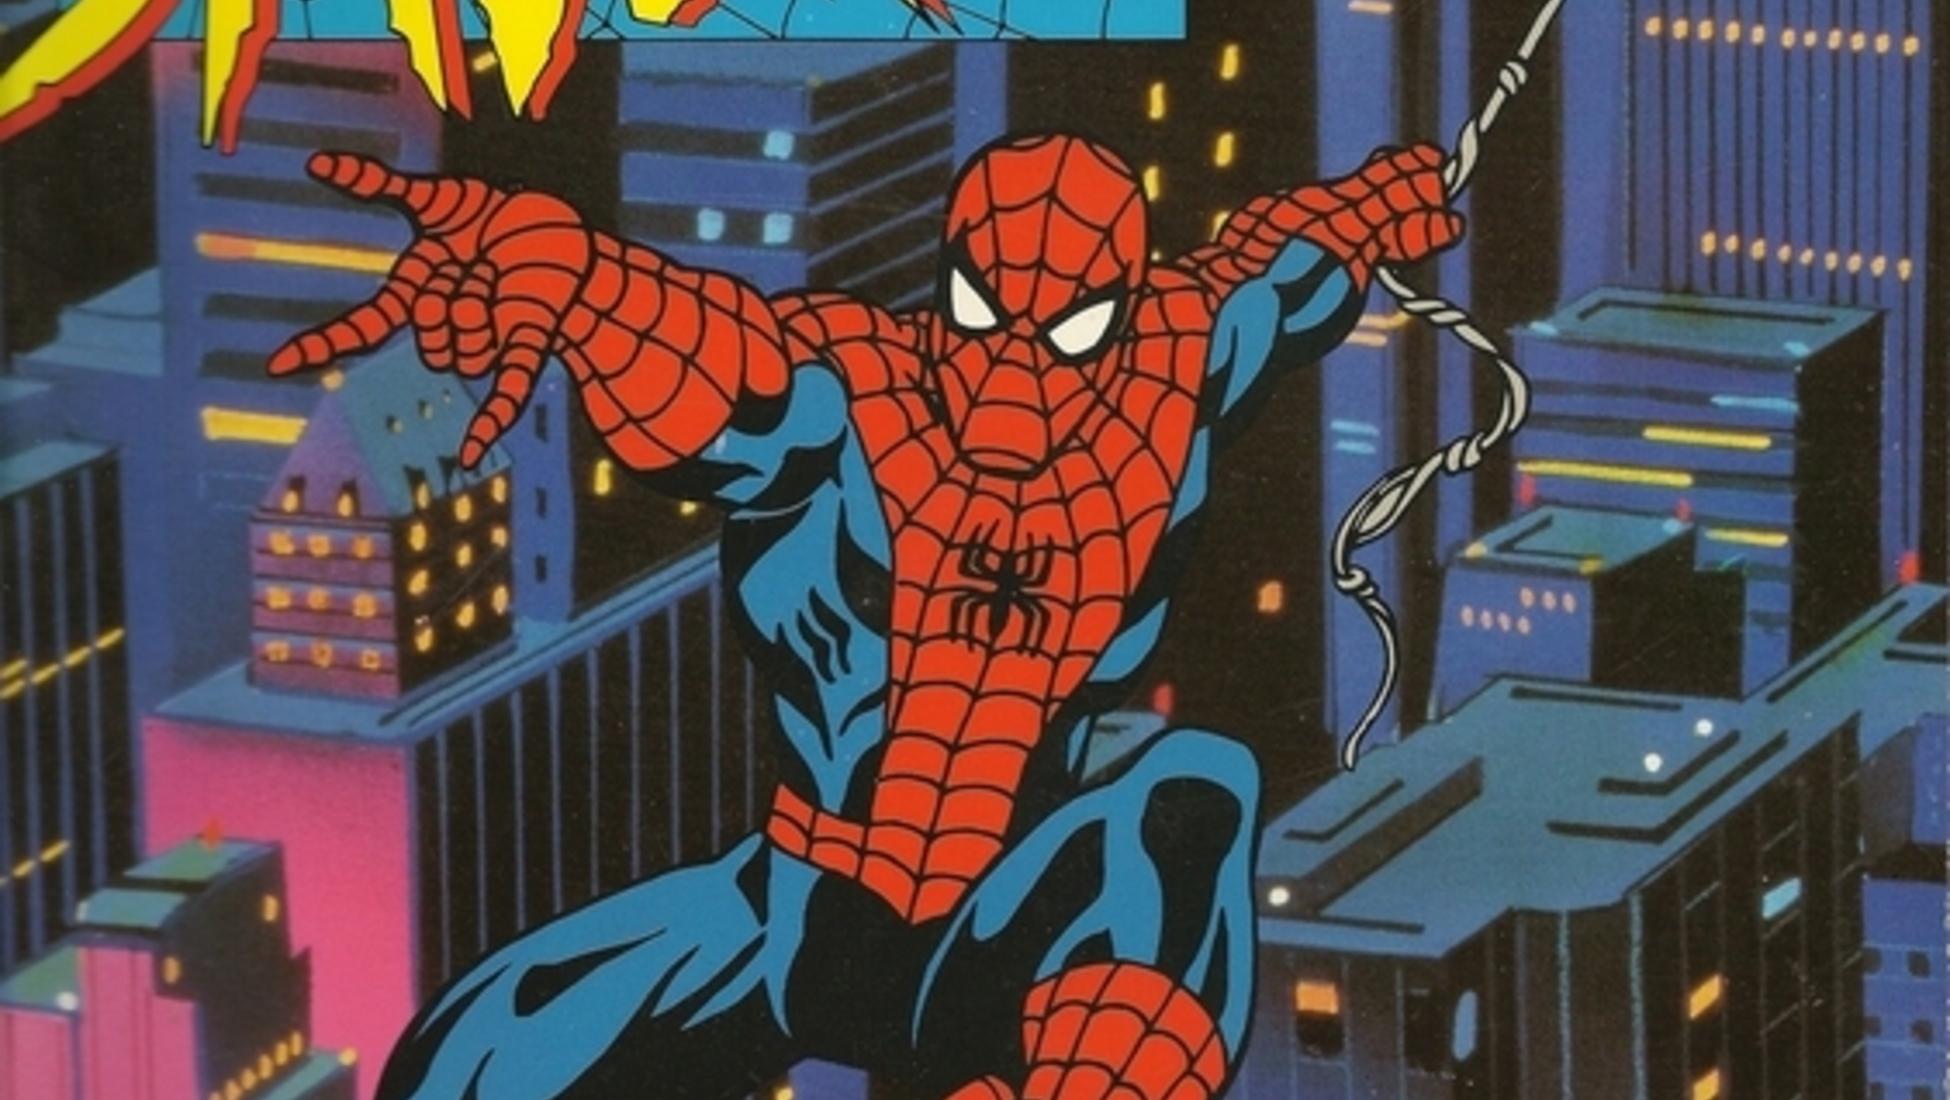 El Hombre Araña hizo su primera aparición en el cómic de antología 'Amazing Fantasy'. Un personaje universal, también presente en películas, programas de televisión y adaptaciones de videojuegos.